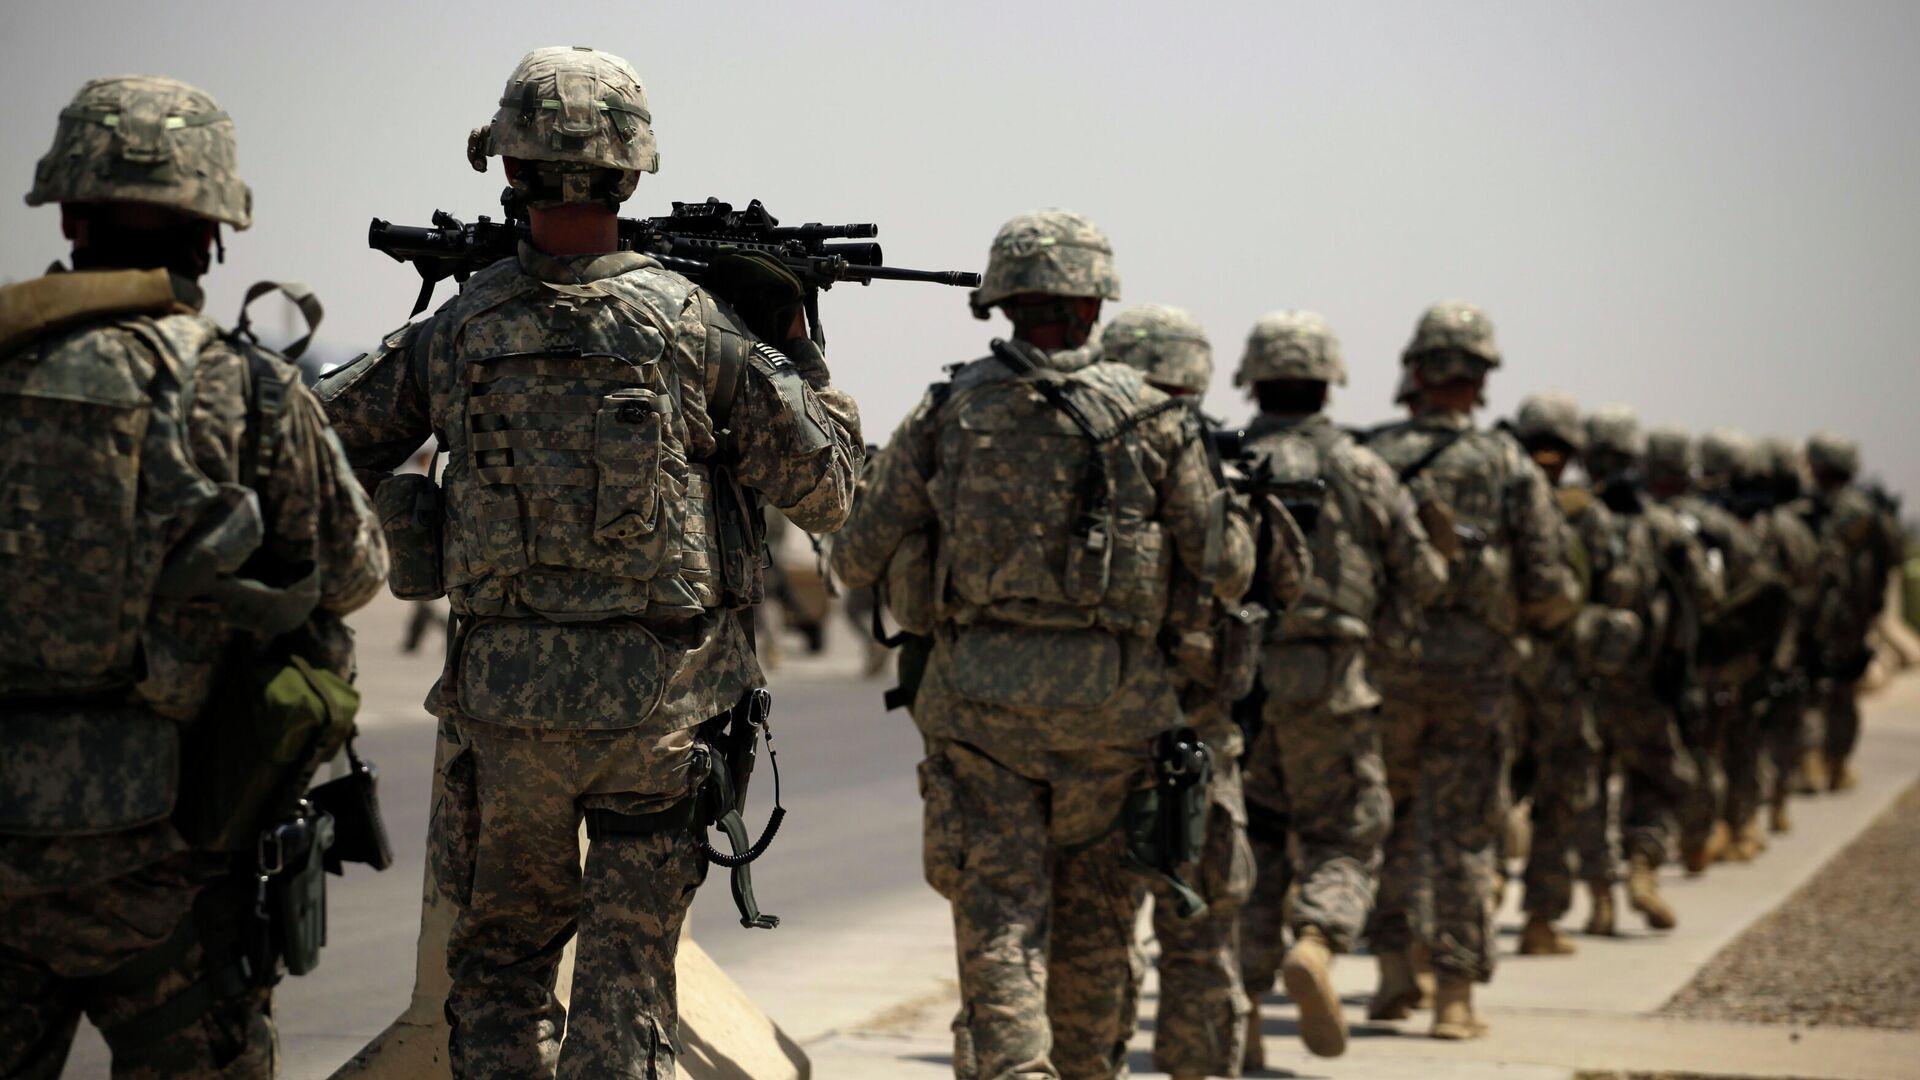 Американские военные на воздушной базе в Багдаде, во время вывода войск США из Ирака - РИА Новости, 1920, 09.09.2020